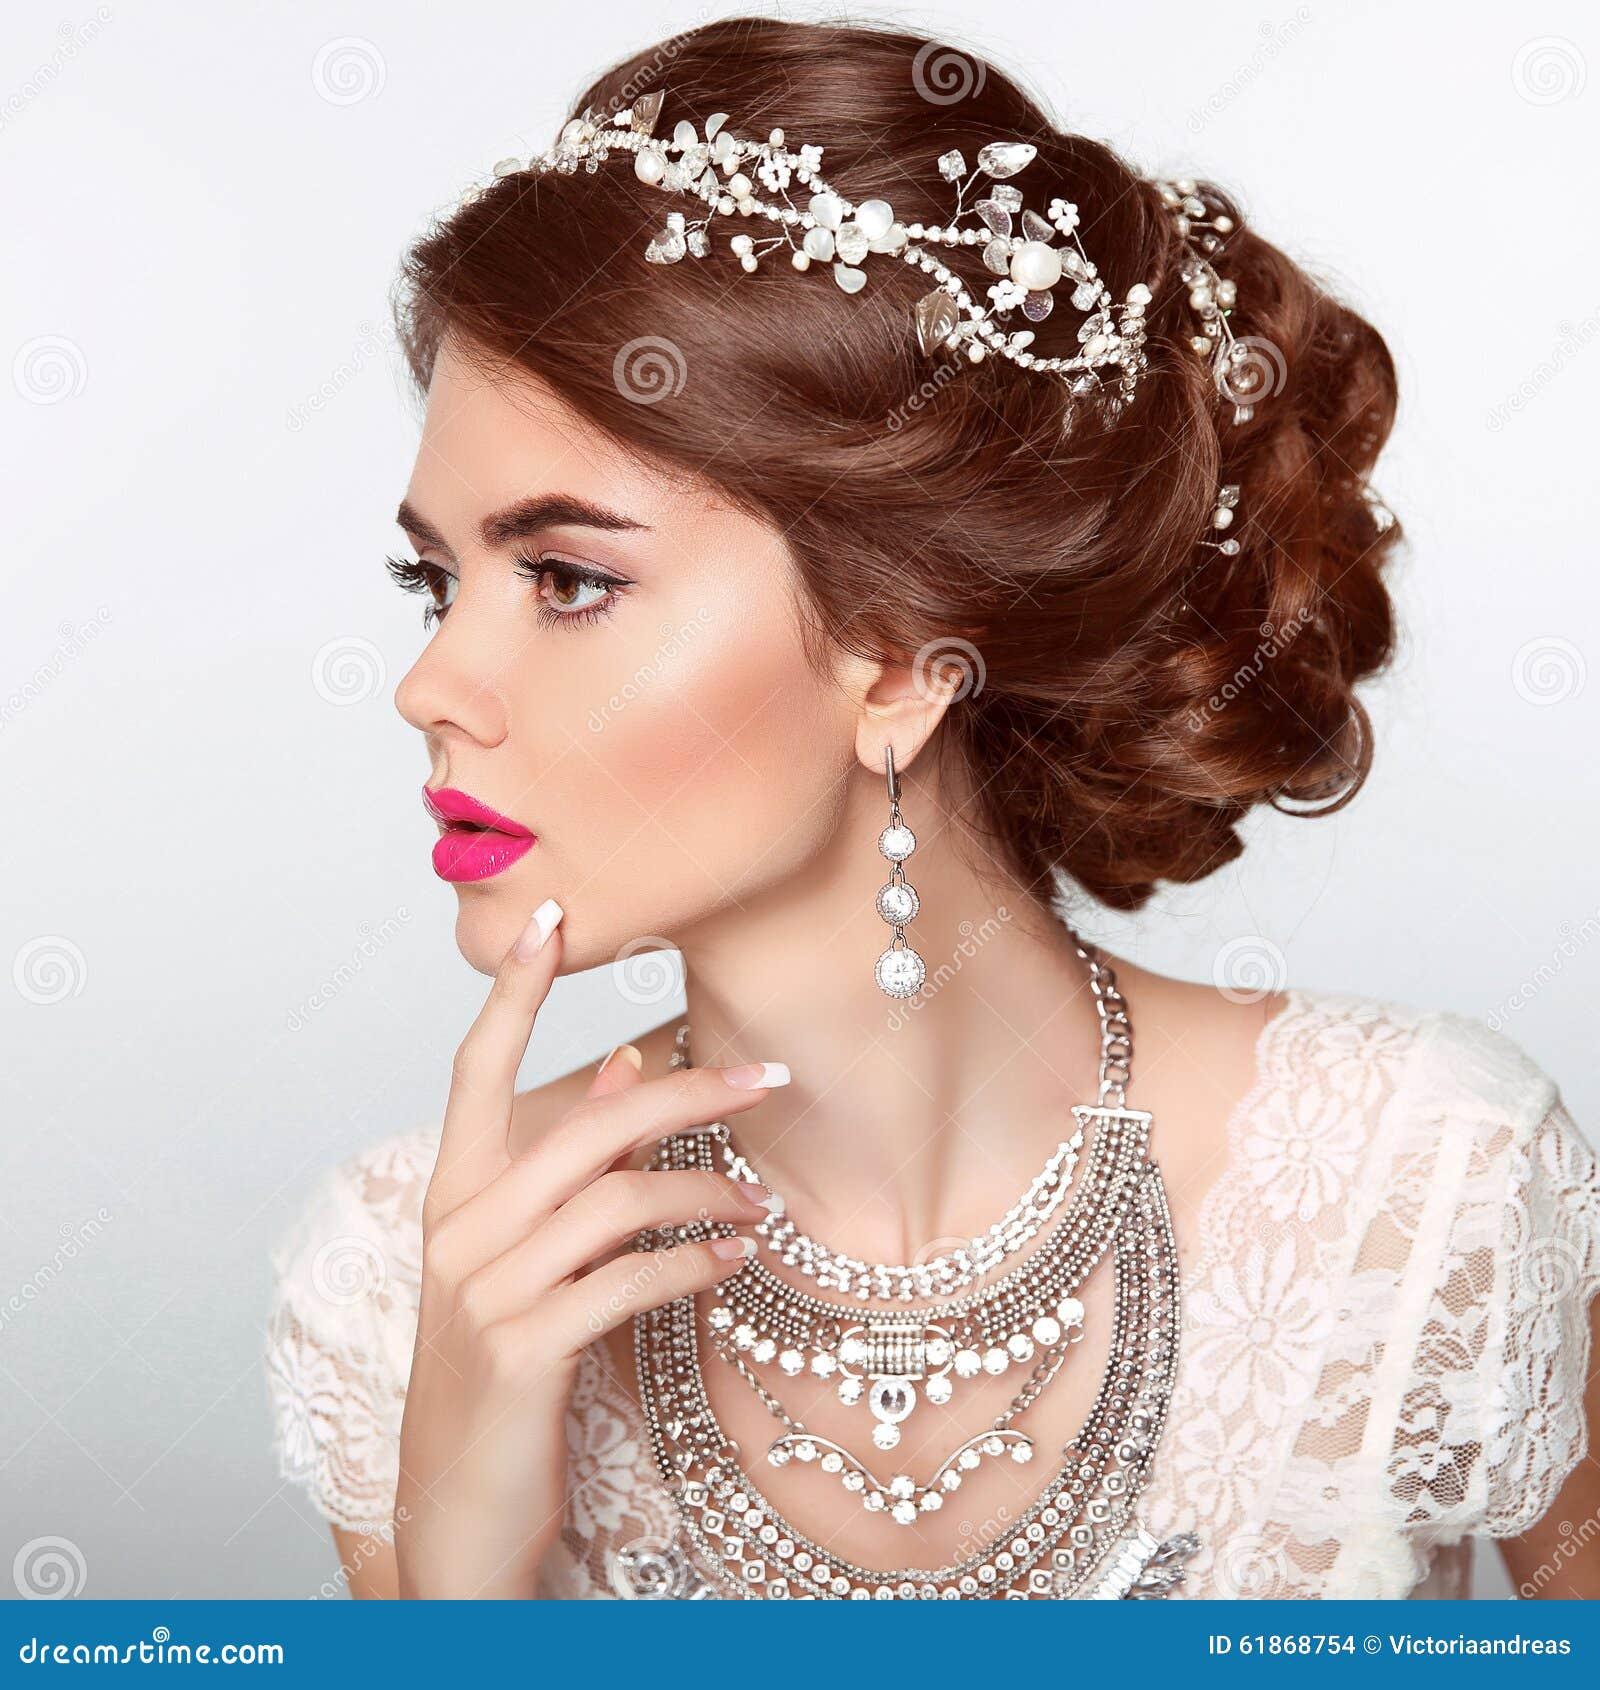 La belle coiffure mignonne verrouille le mariage mod le de profil de verticale beau portrait de - Les plus belle coiffure de mariage ...